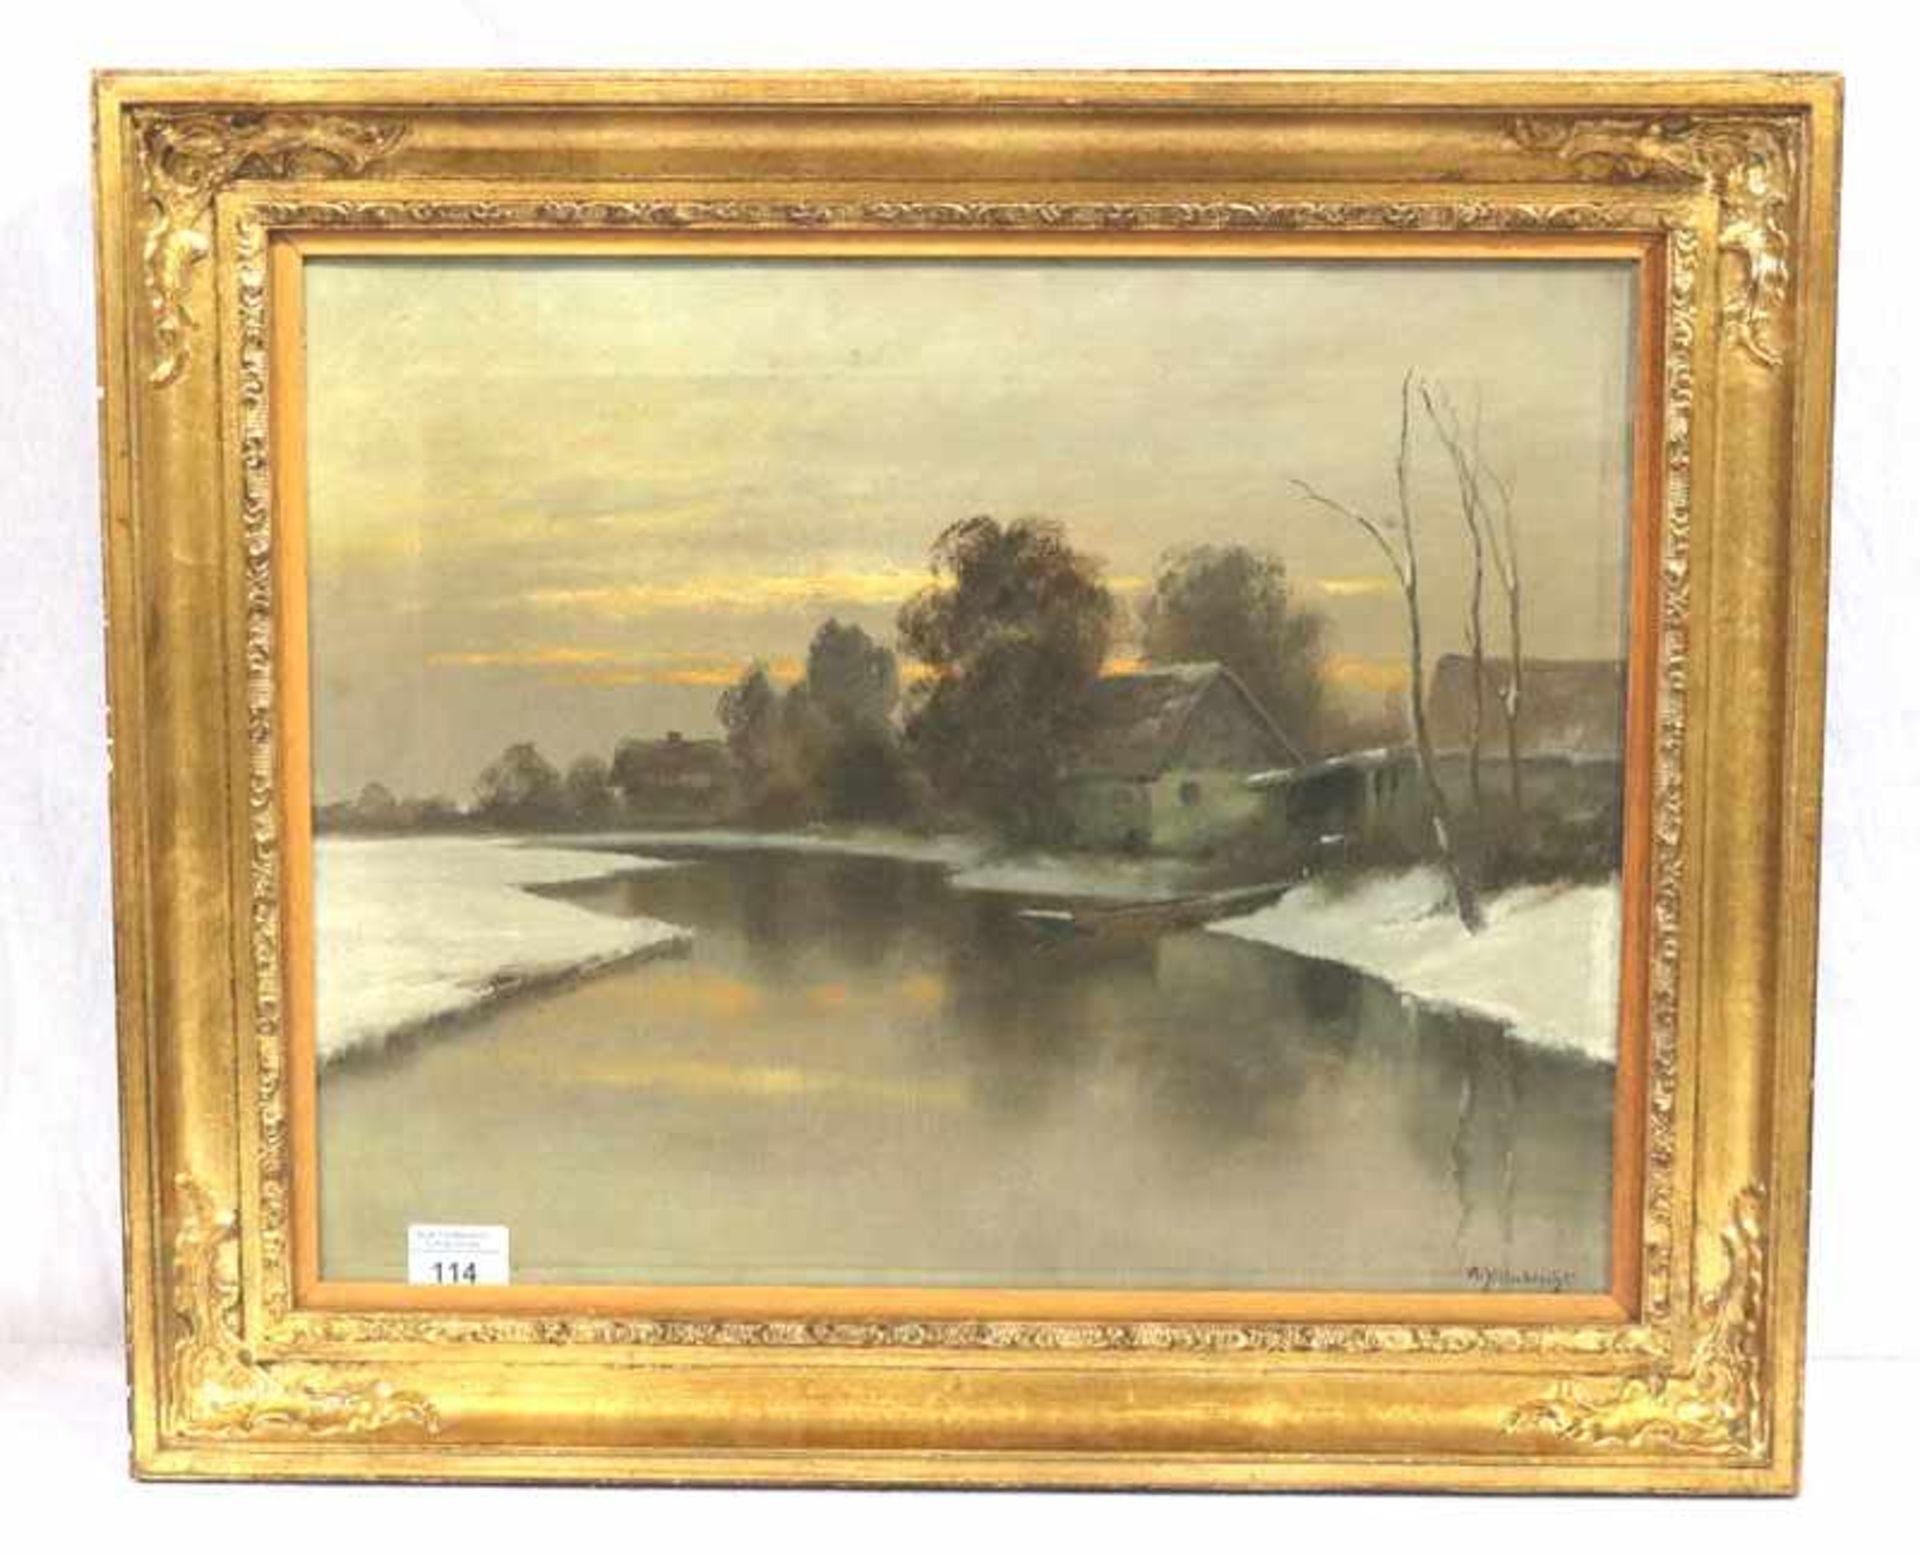 Los 114 - Gemälde ÖL/LW 'Flußlauf im Winter', signiert Steinbrecht, Alexander, Landschaftsmaler und